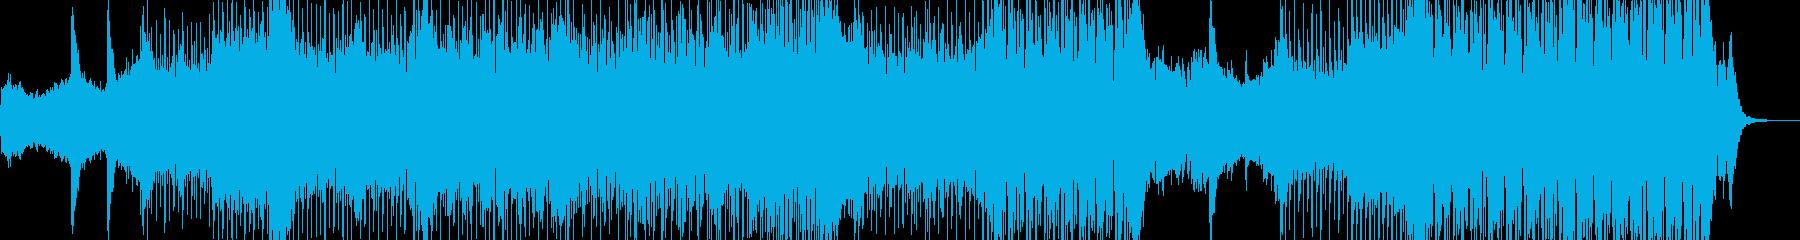 近未来を思い描いたテクノポップ Aの再生済みの波形